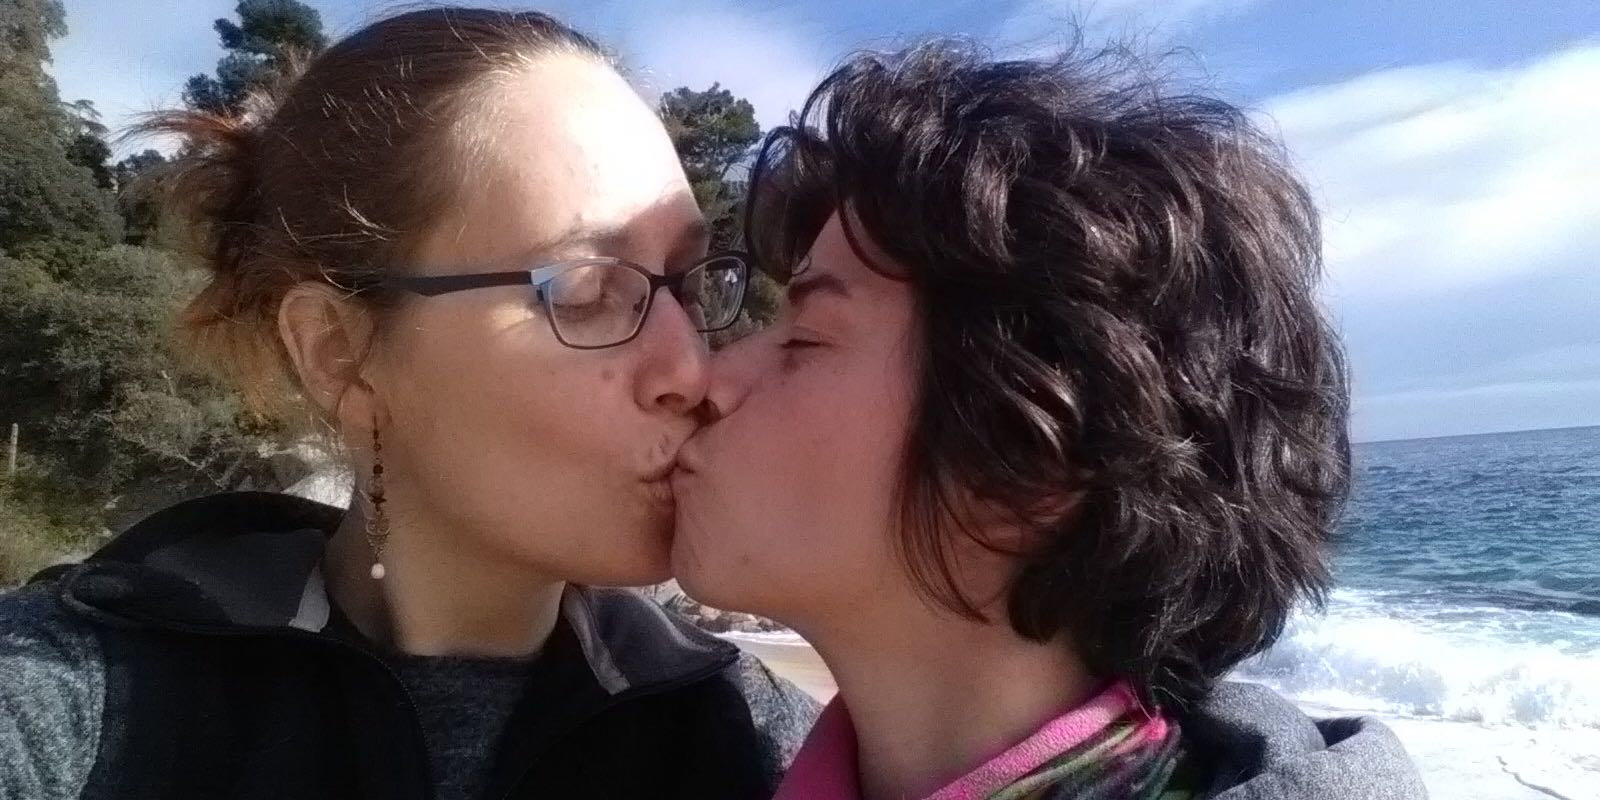 Émilie & Karell et leur parcours PMA pour devenir mères